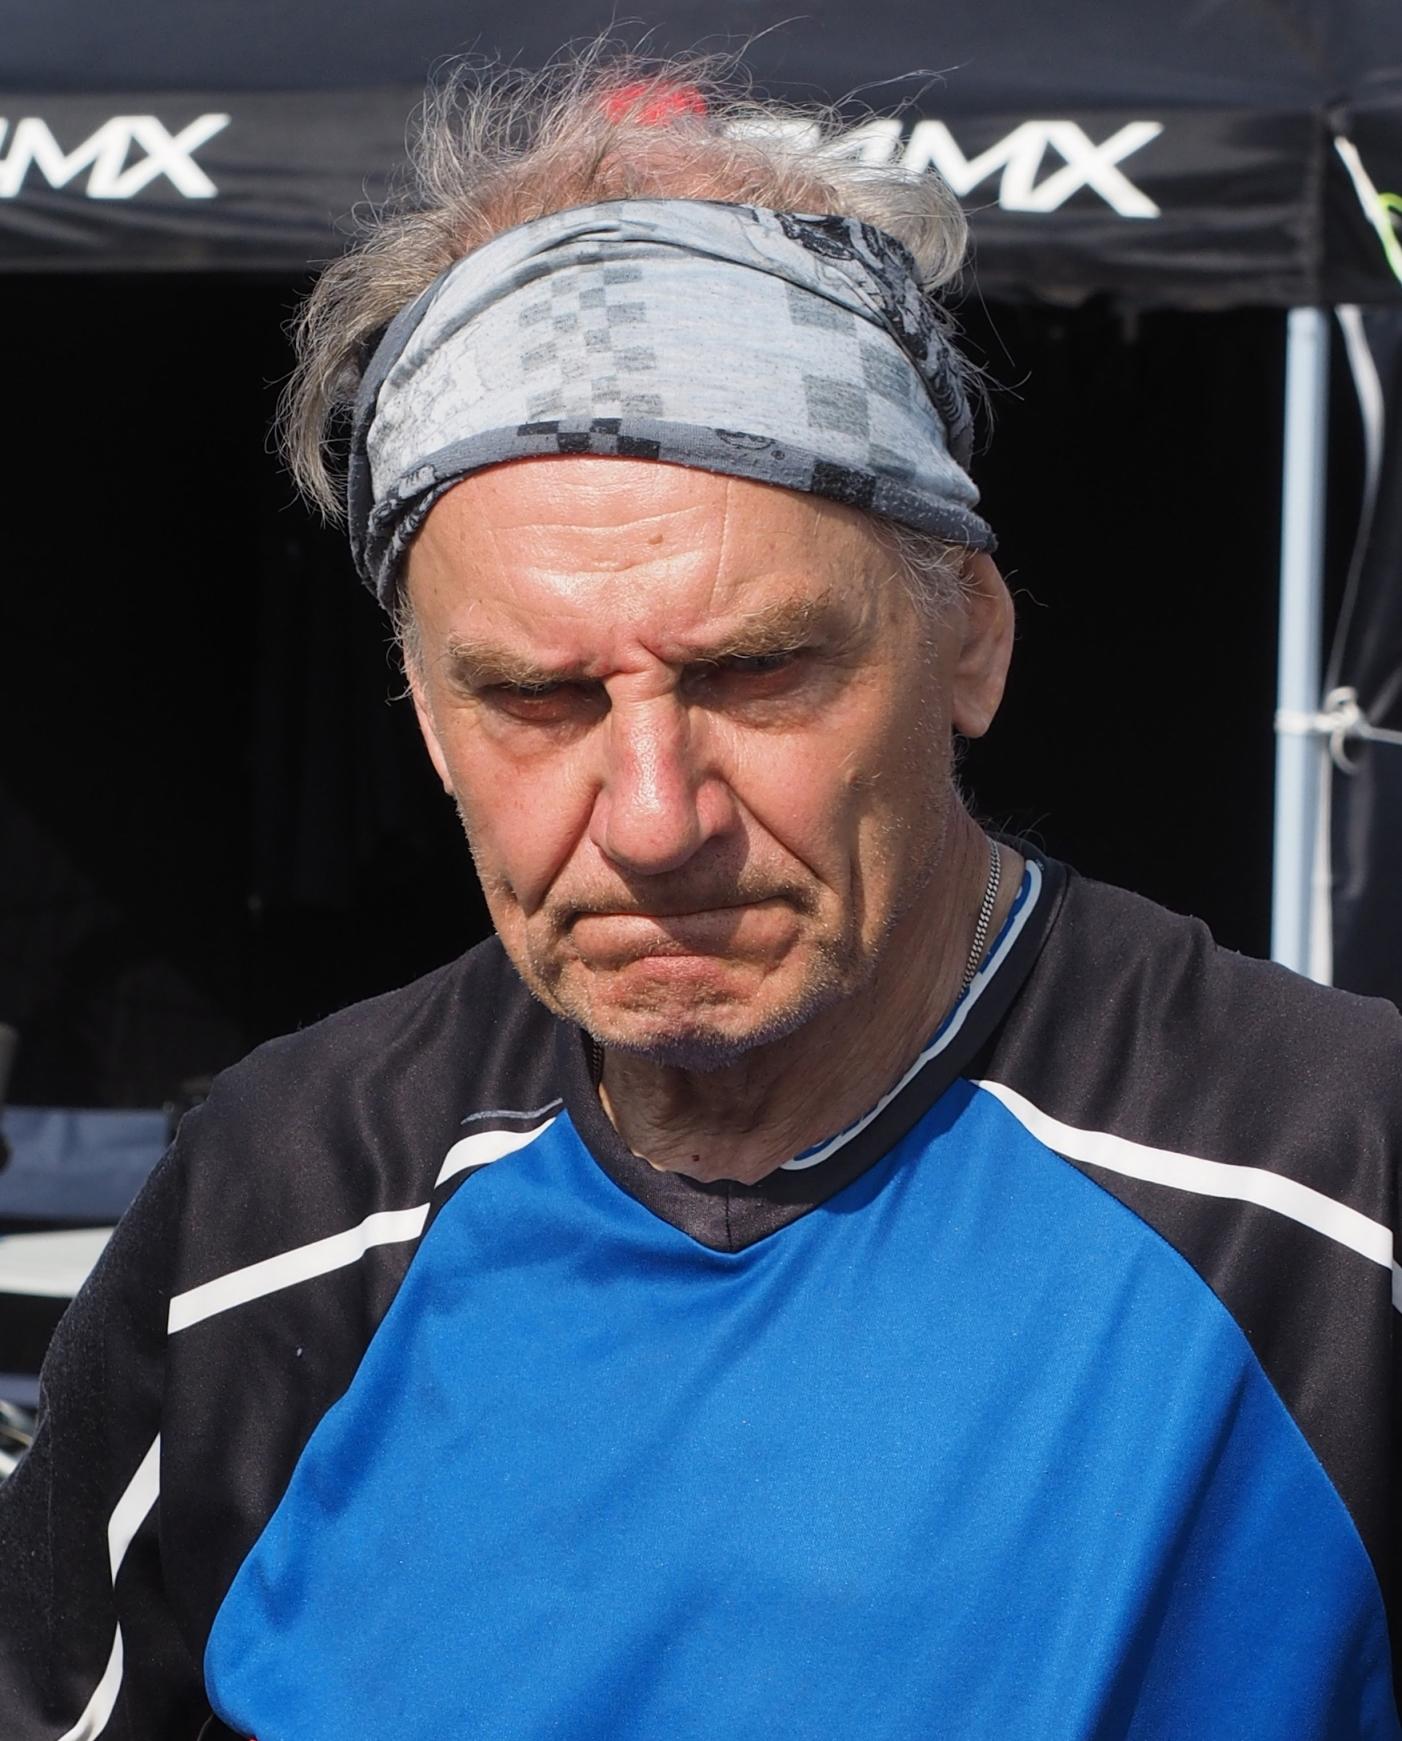 Lars Jahn